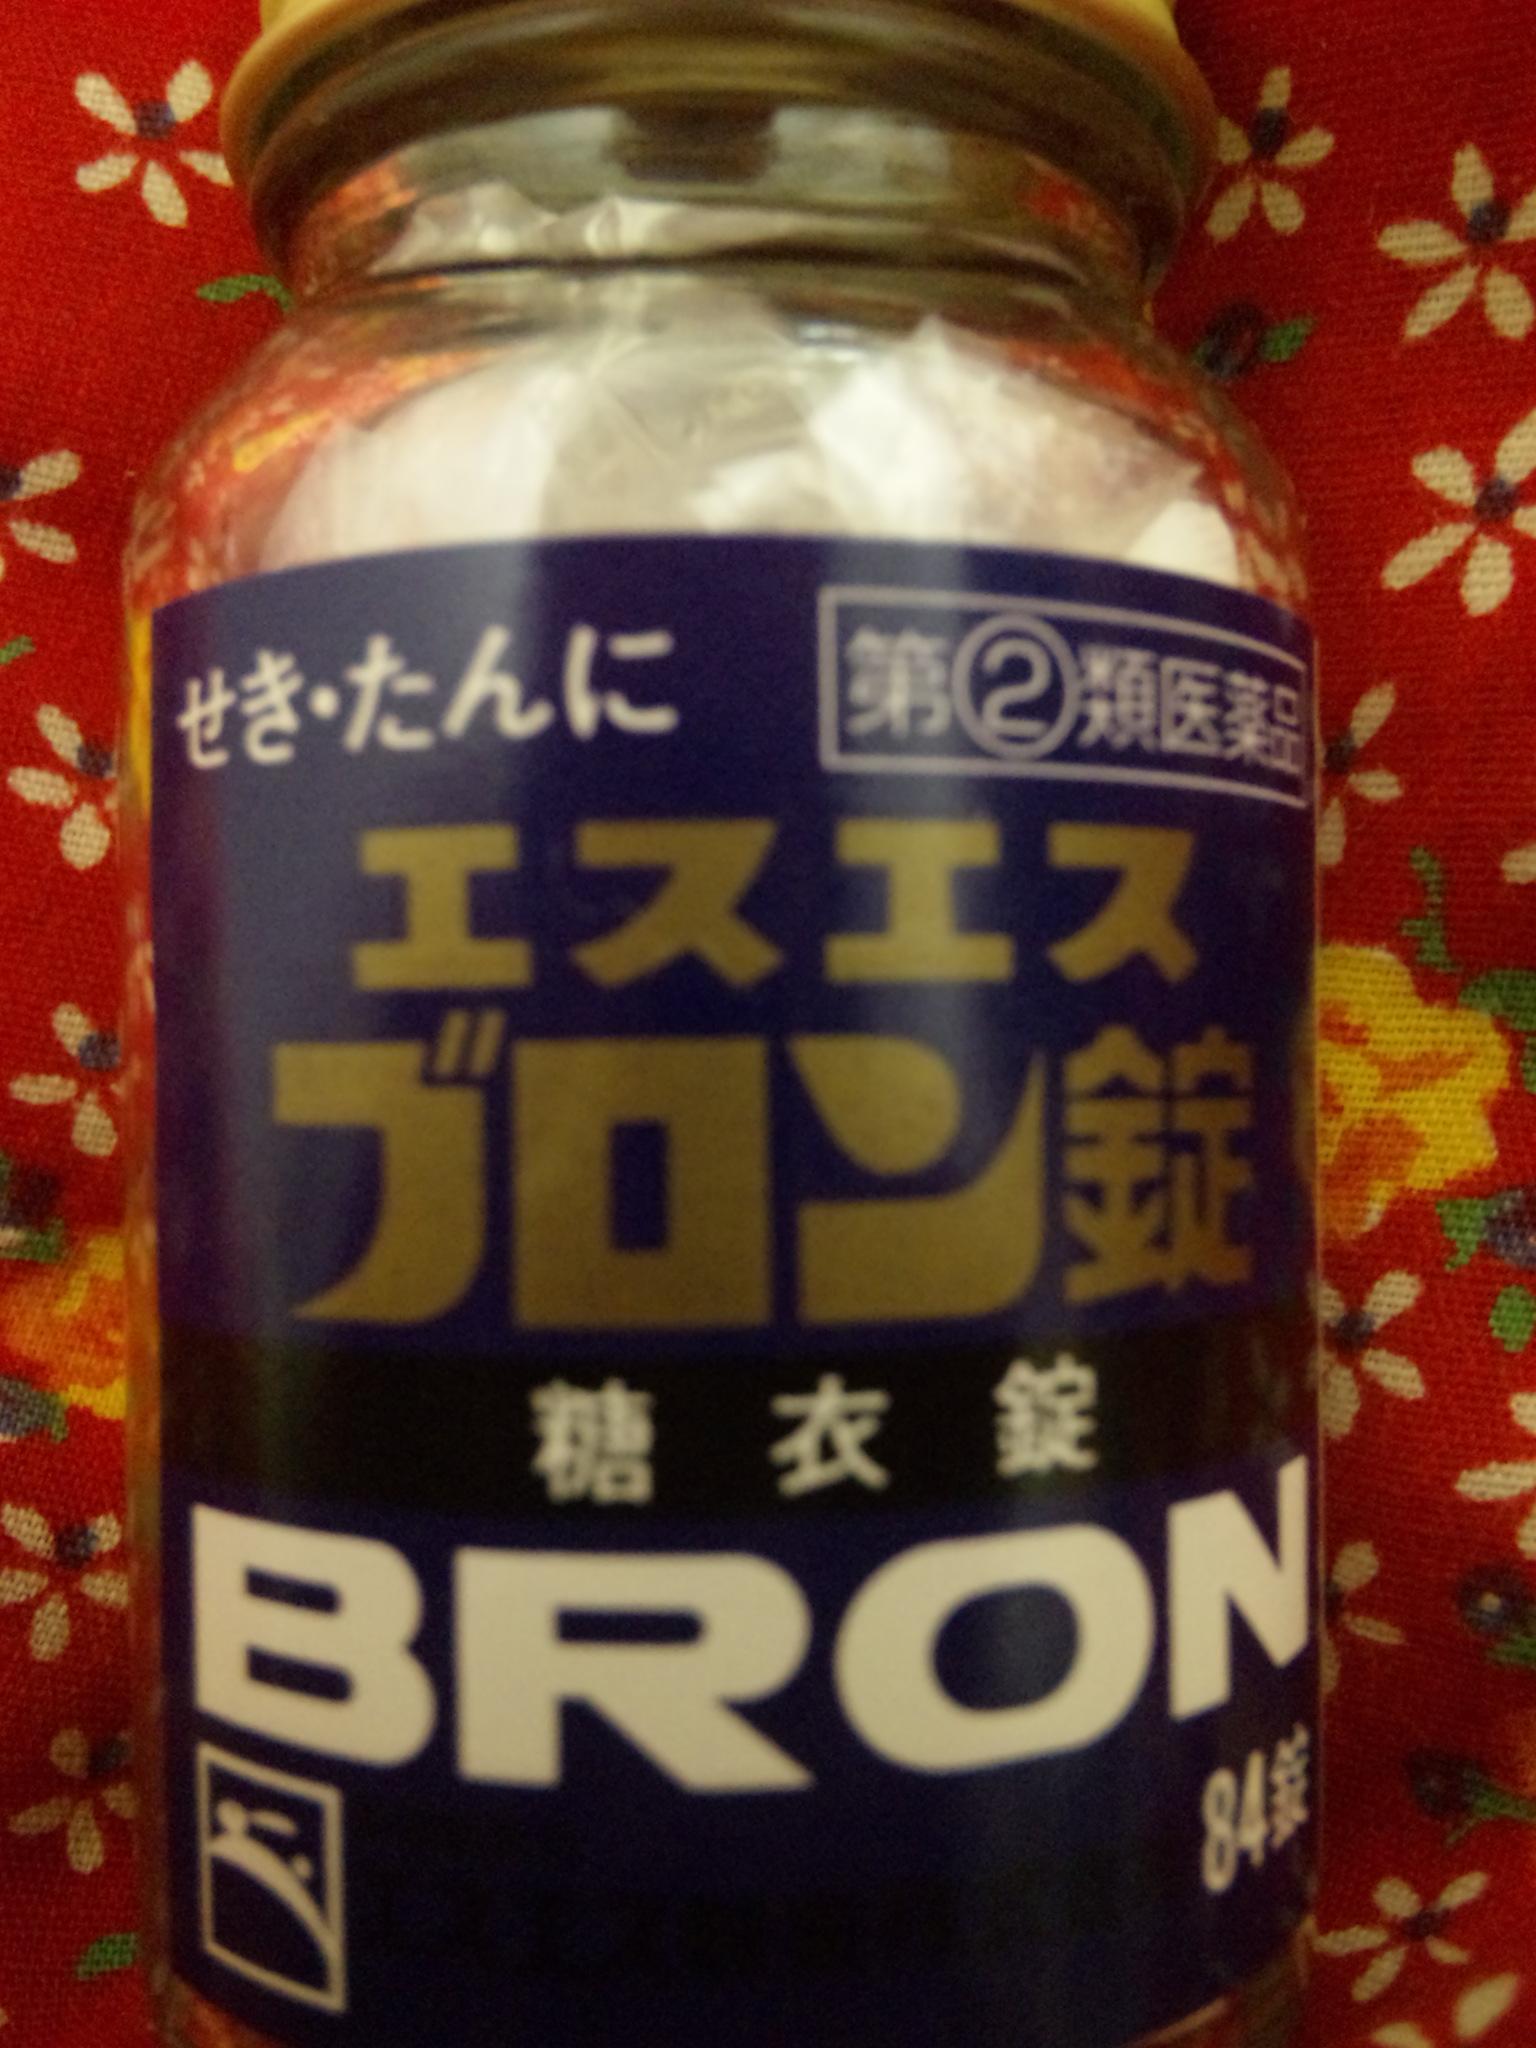 Od ブロン